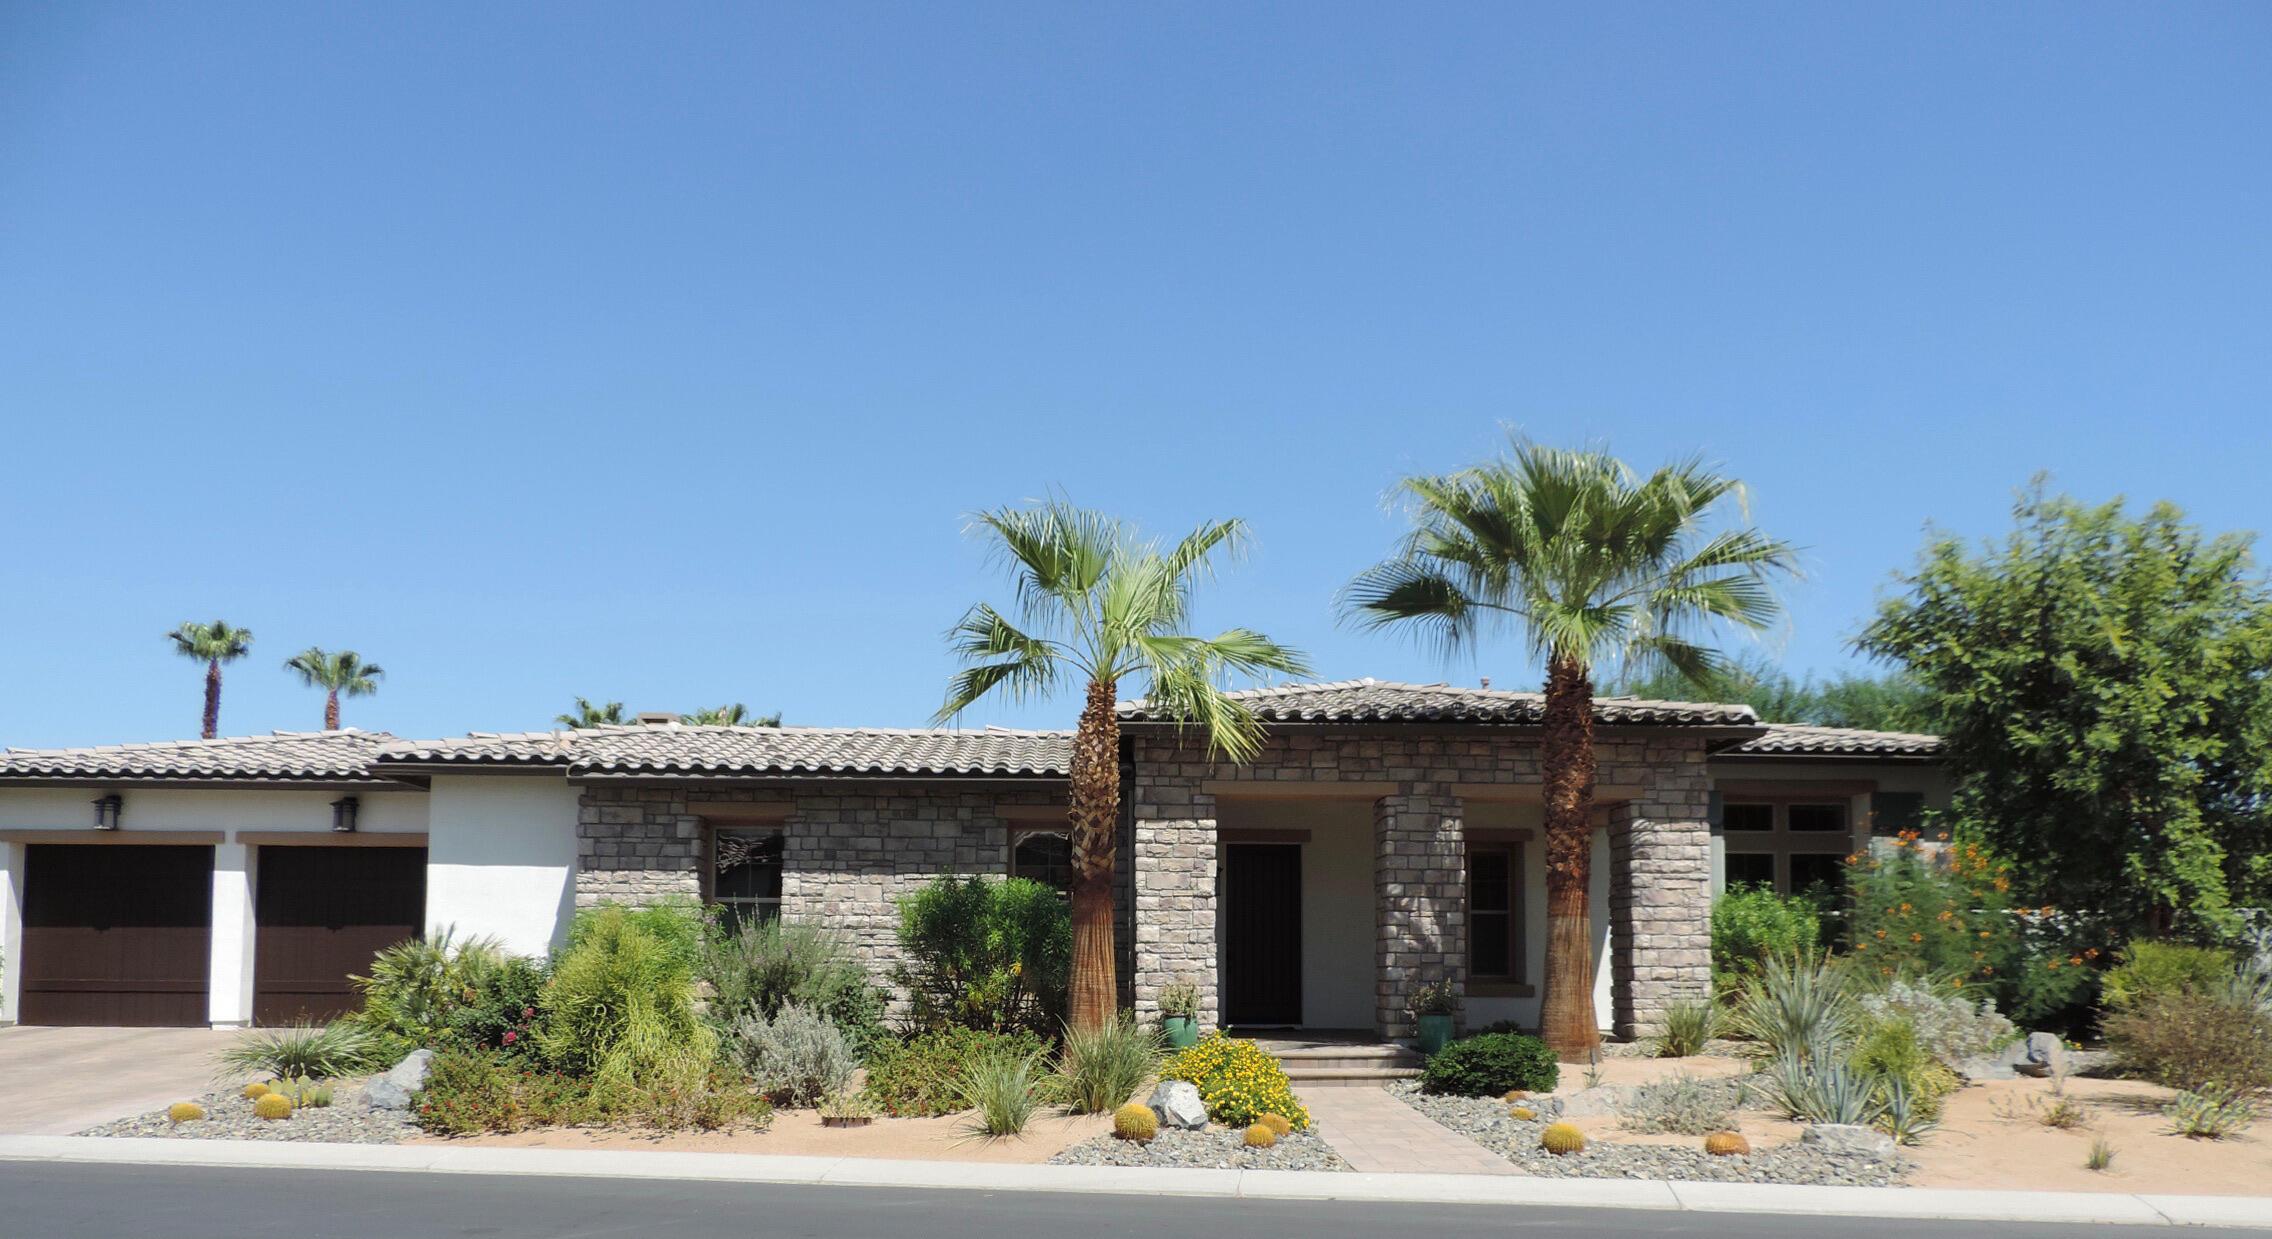 Photo of 81122 Monarchos Circle, La Quinta, CA 92253